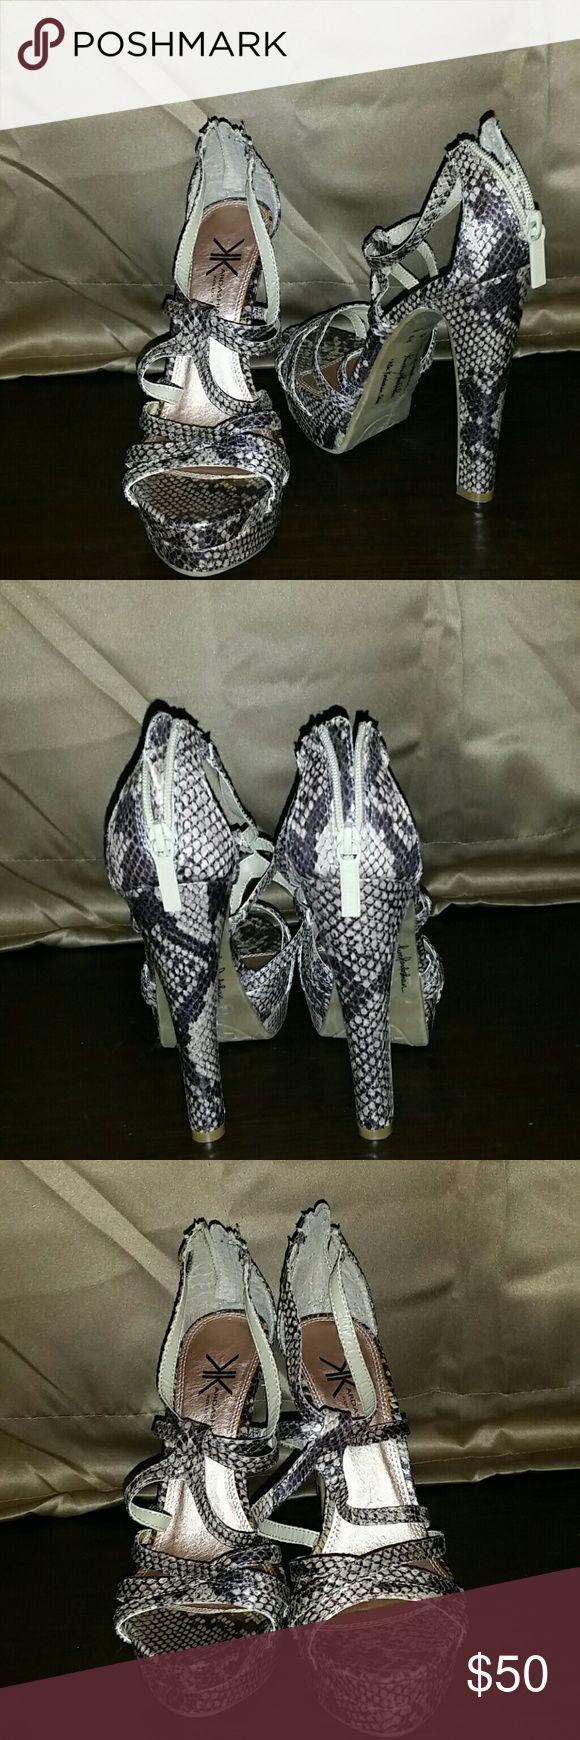 Kardashian collection python stiletto heels Never worn Kardashian Kollection python print platform stiletto heels Kardashian Kollection Shoes Heels